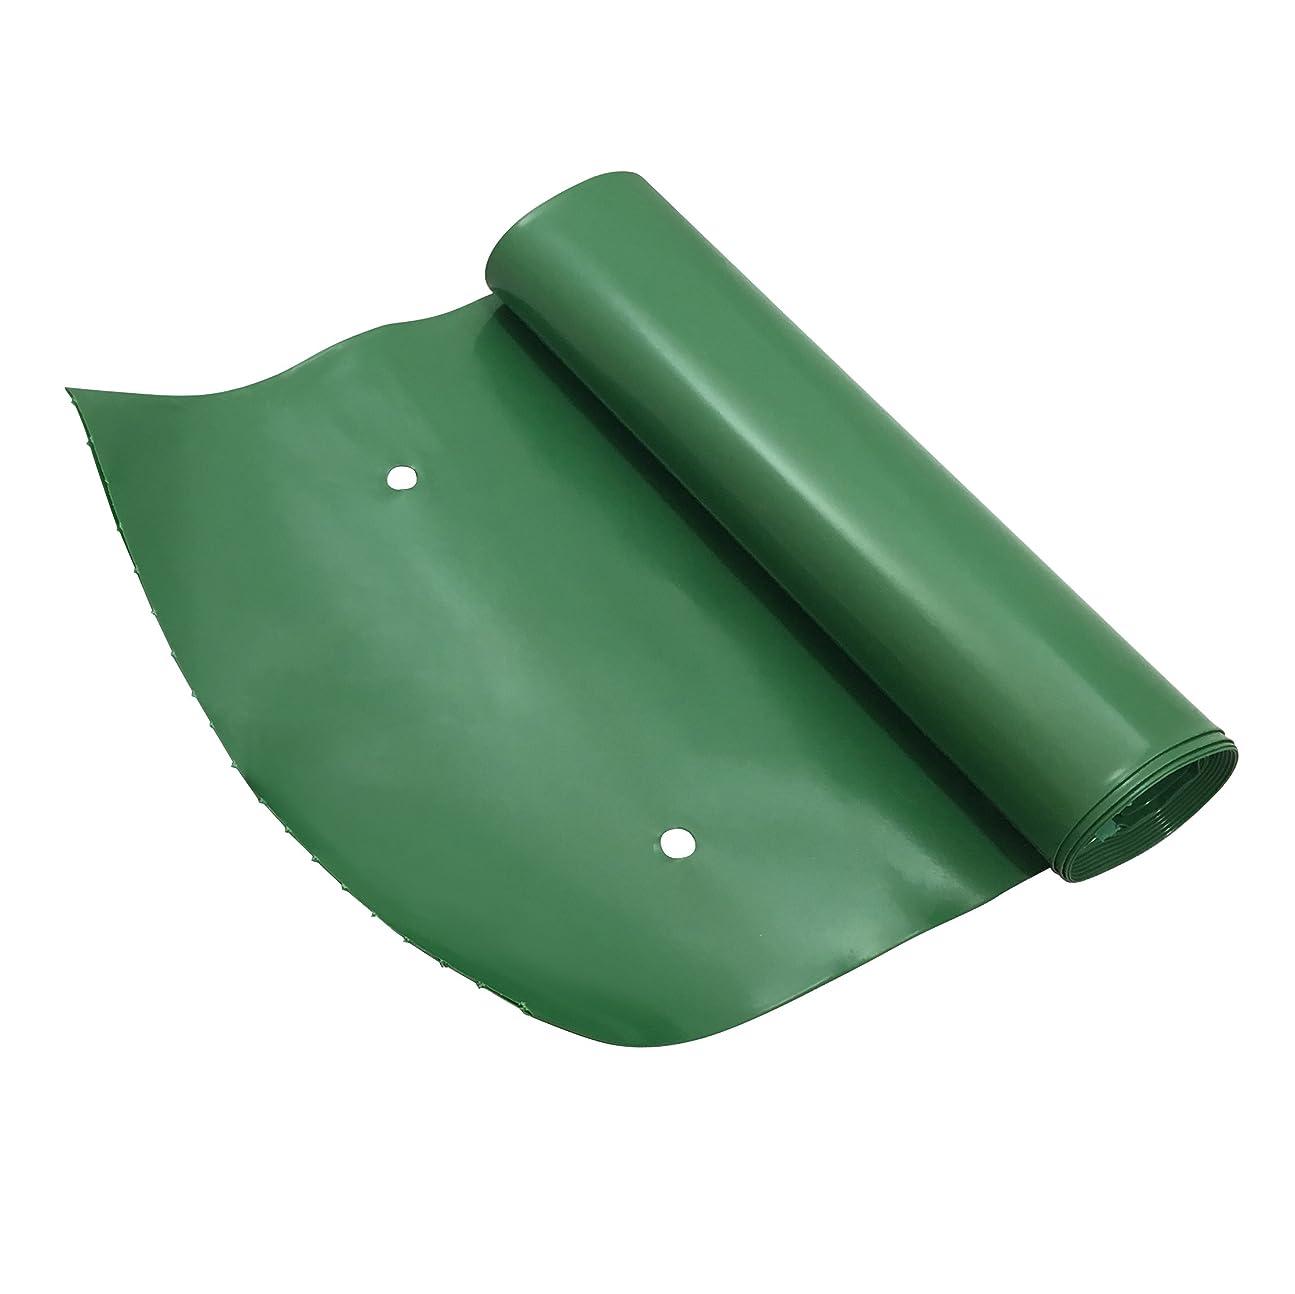 書くコマンド転送Frost King DE200 Standard Plastic Drain Away Downspout Extender, Extends 2.4m, Green